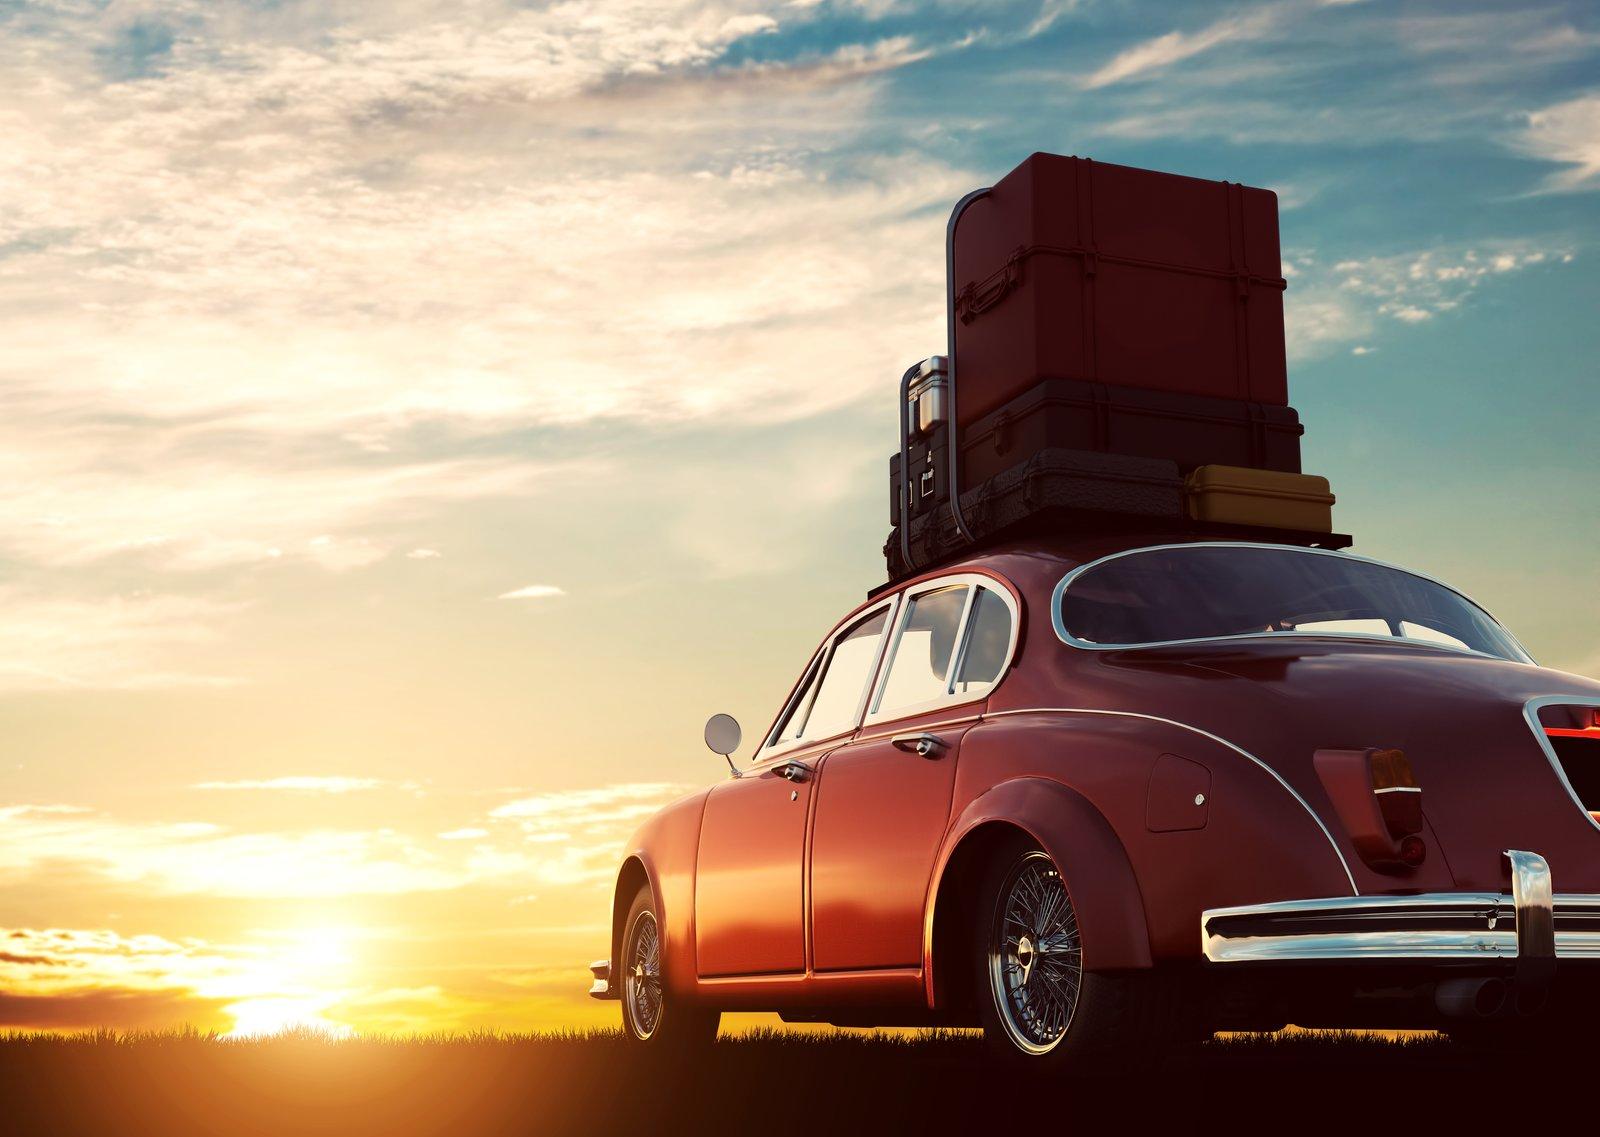 Wyjeżdżasz za granicę na wakacje? Nie zabieraj ze sobą przypadkiem tych 7 rzeczy